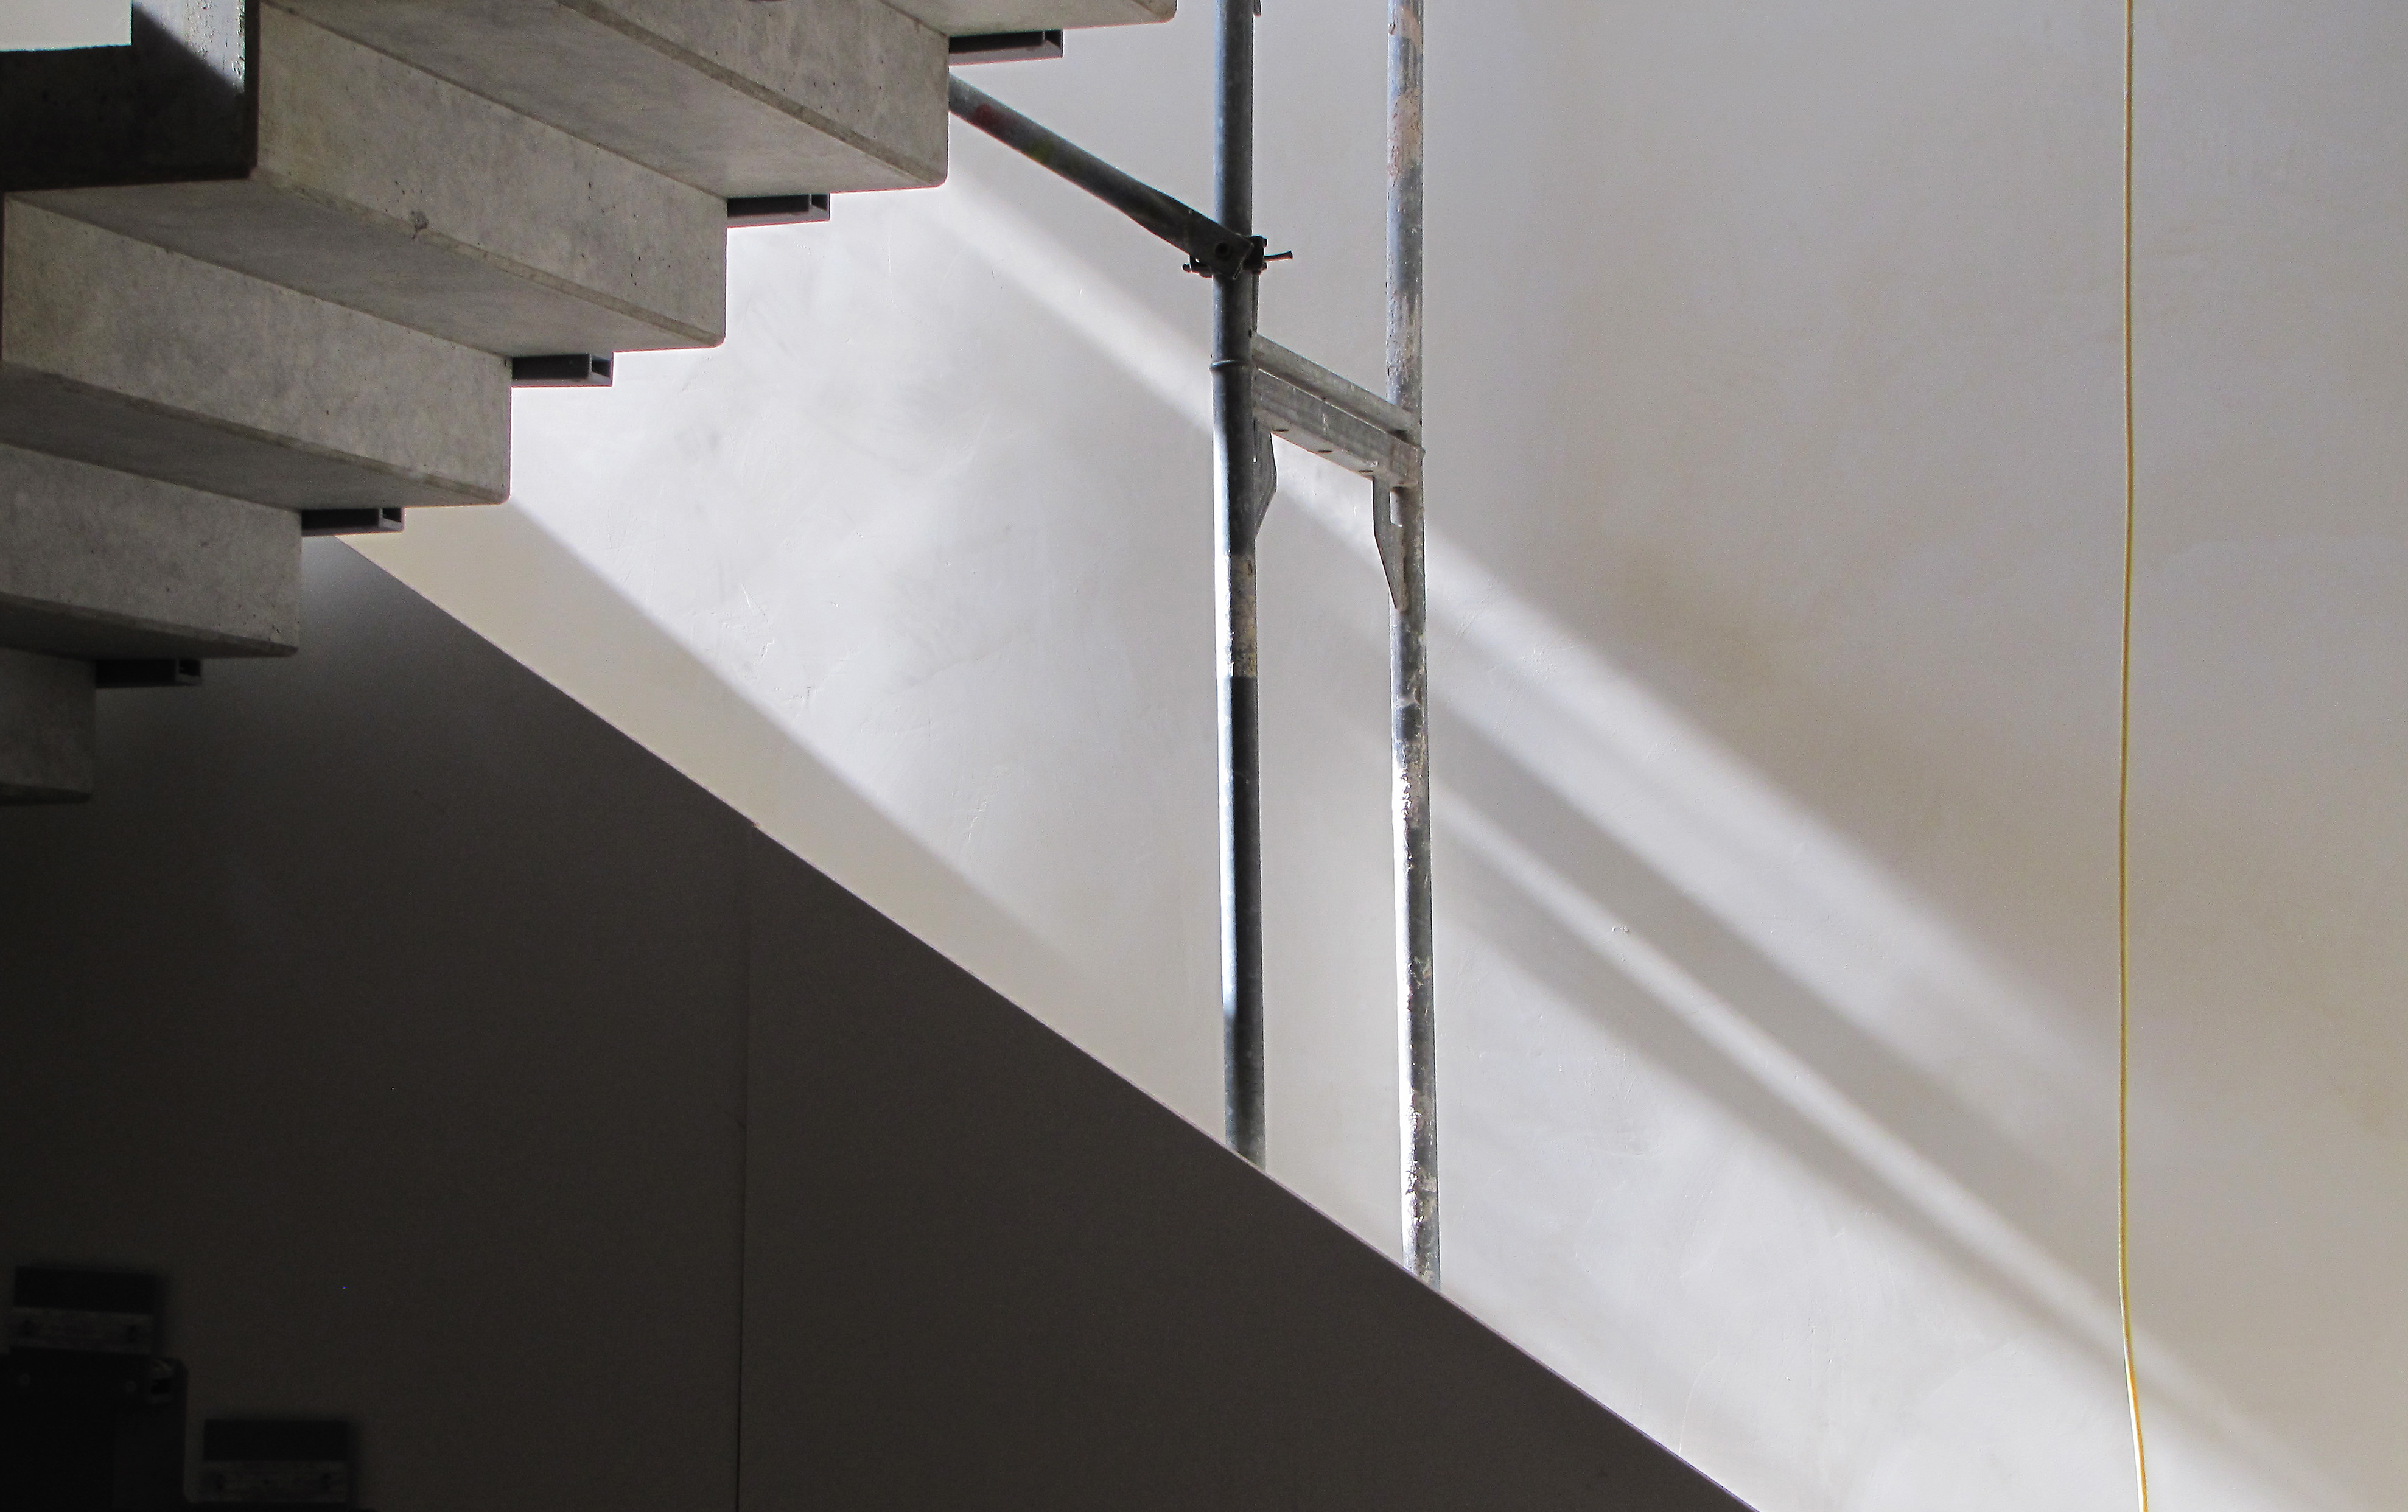 freischwebende treppe beitrag von rainer s zu mein beton beton campus. Black Bedroom Furniture Sets. Home Design Ideas